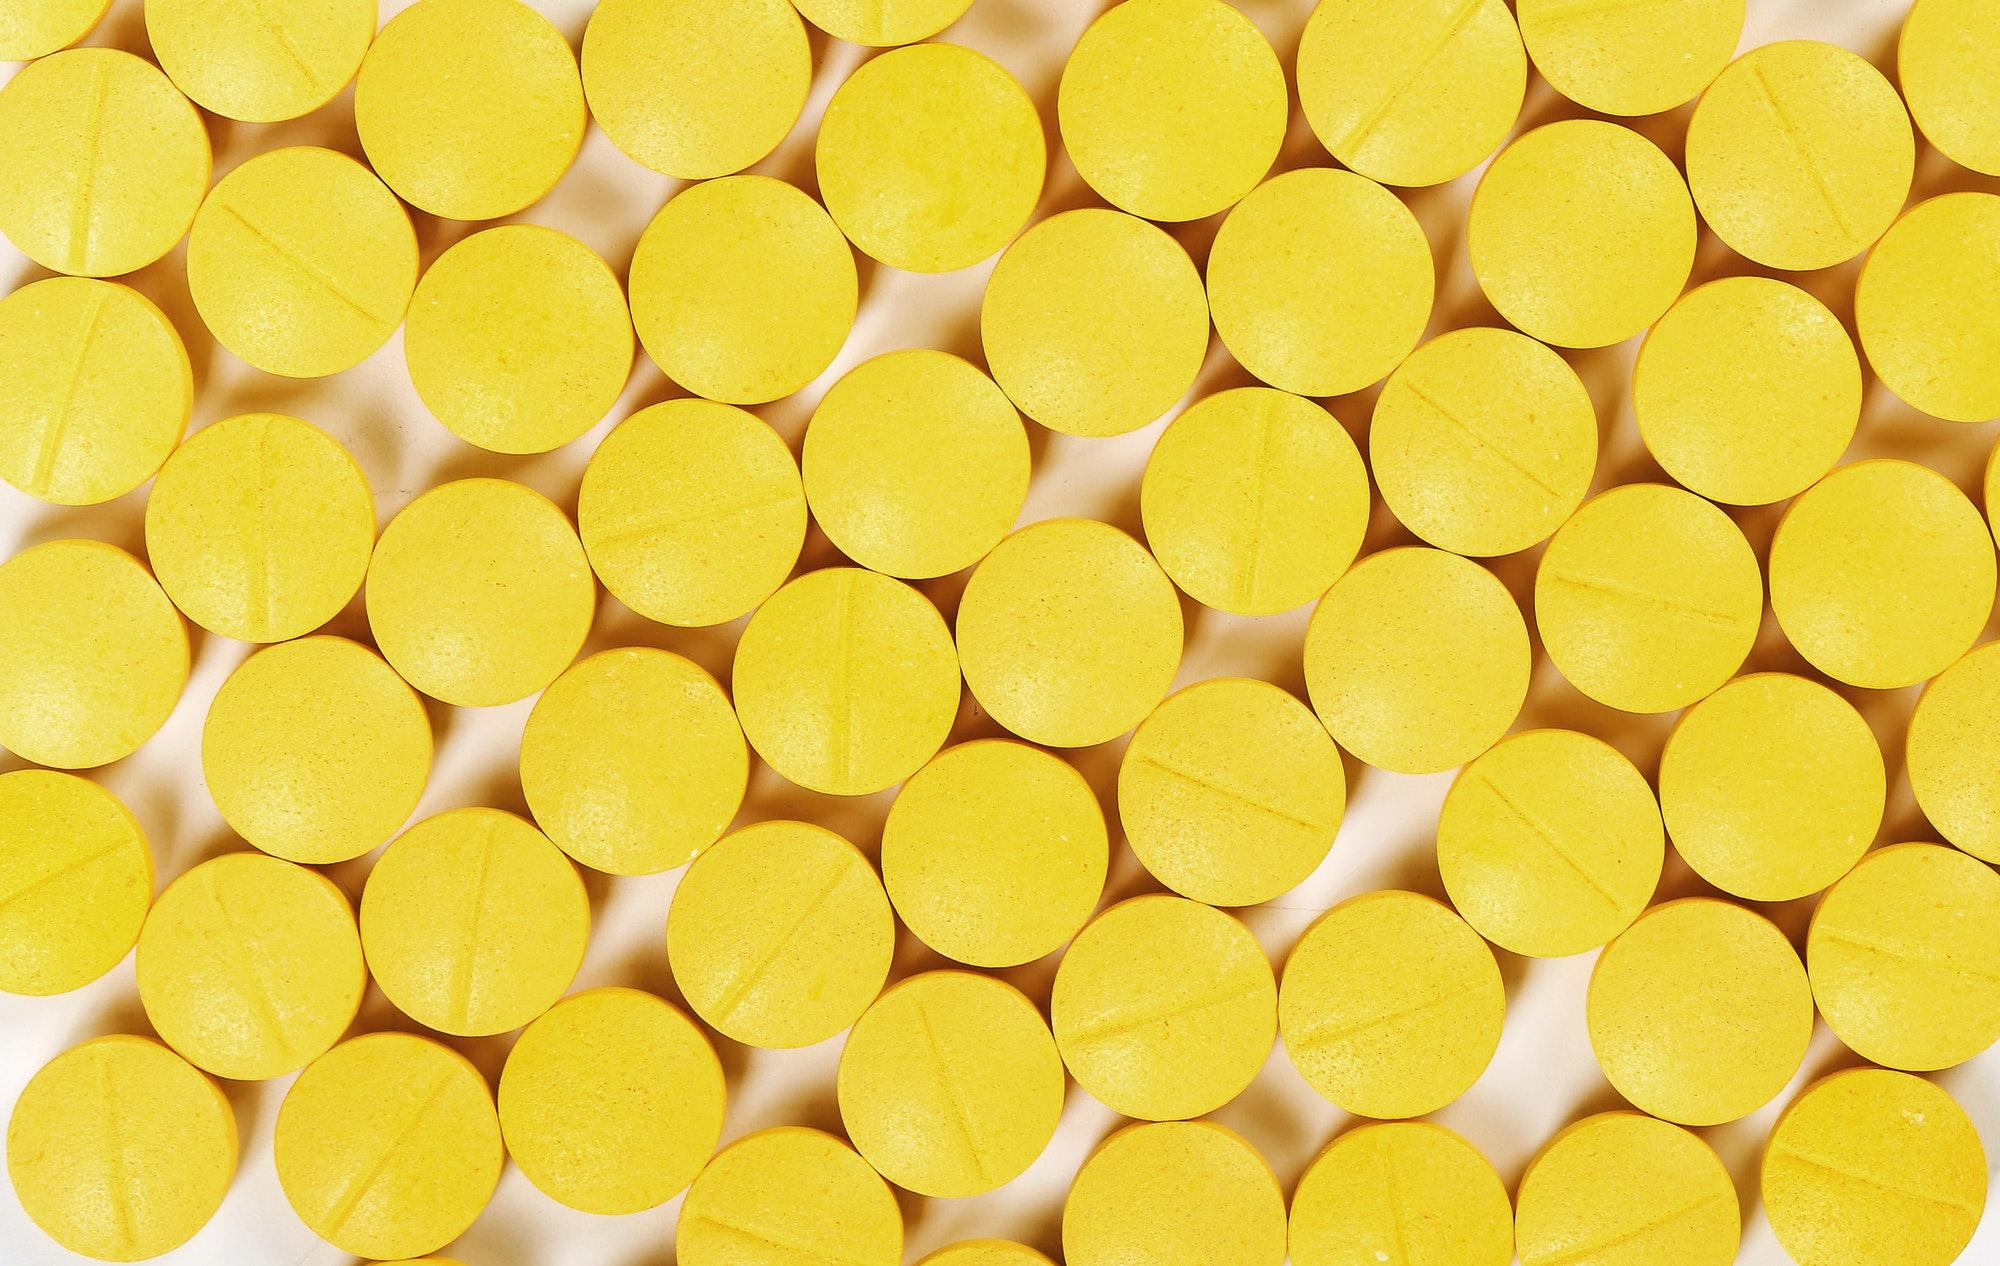 'El imperio del dolor', matar por sobredosis con cuchara de oro